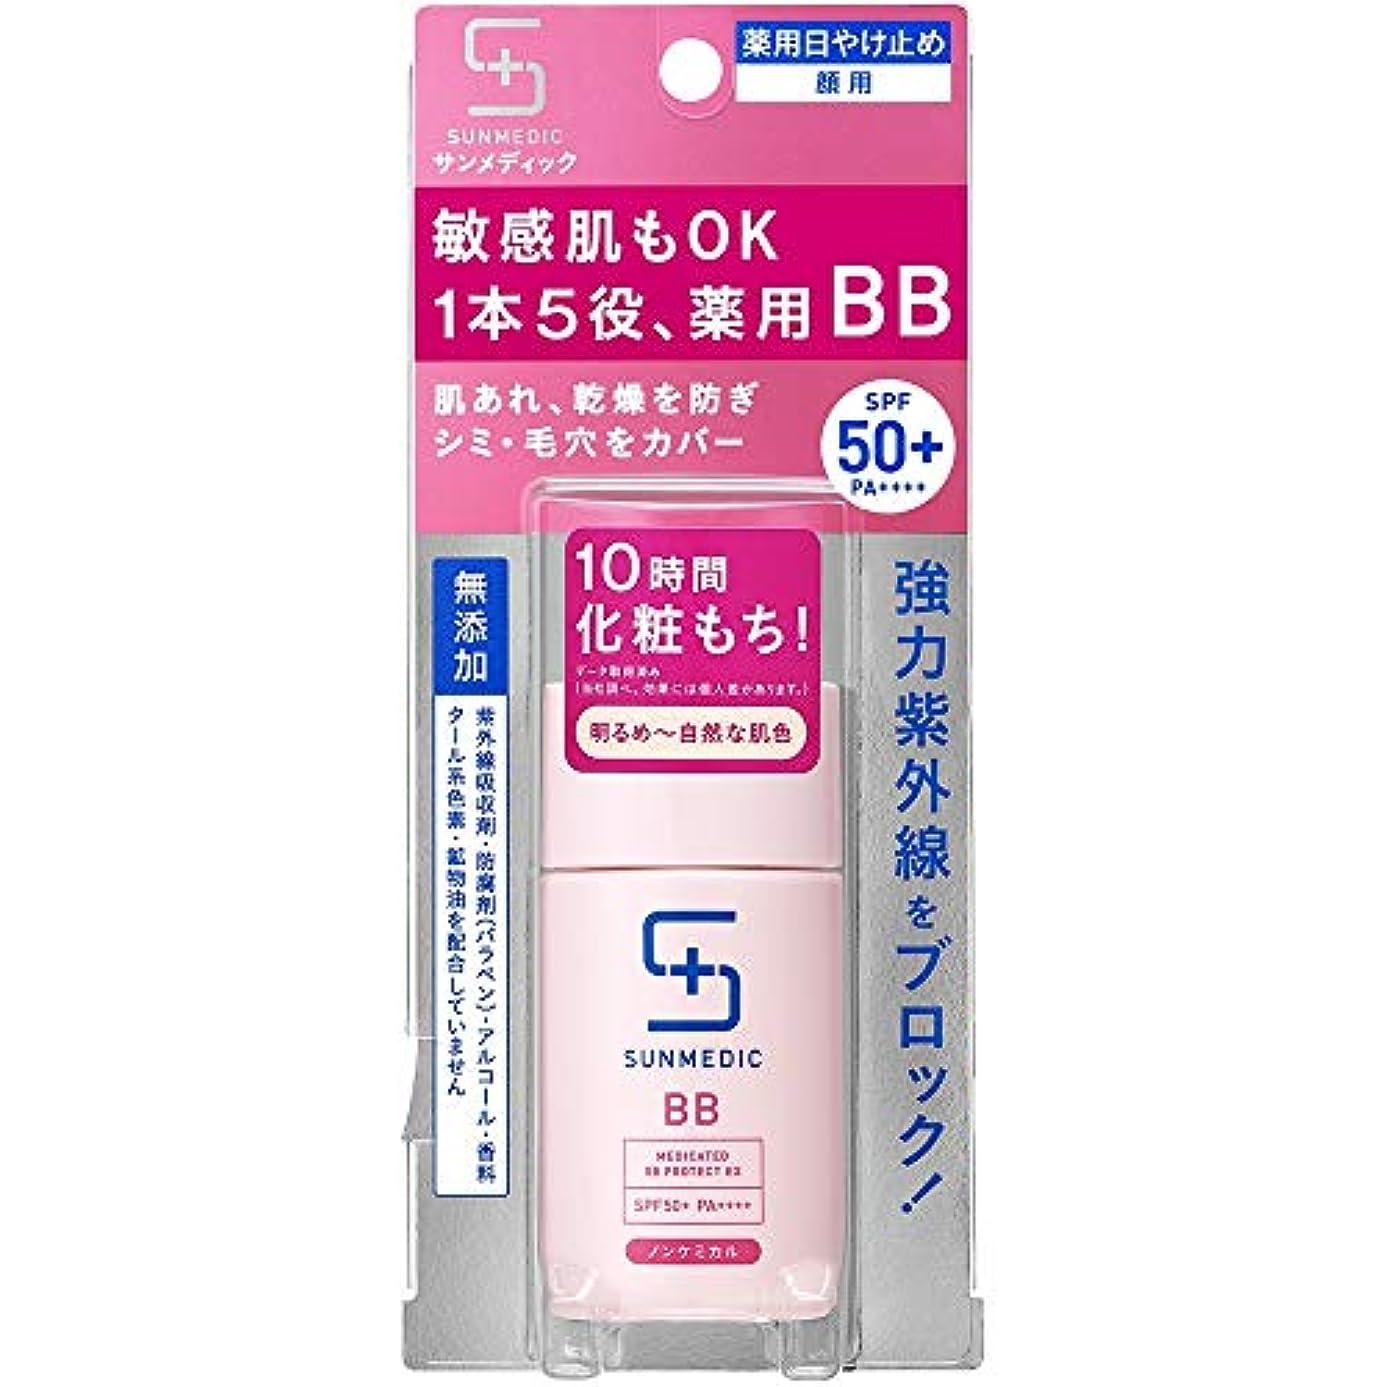 塩ゴネリル空気サンメディックUV 薬用BBプロテクトEX ライト 30ml (医薬部外品)